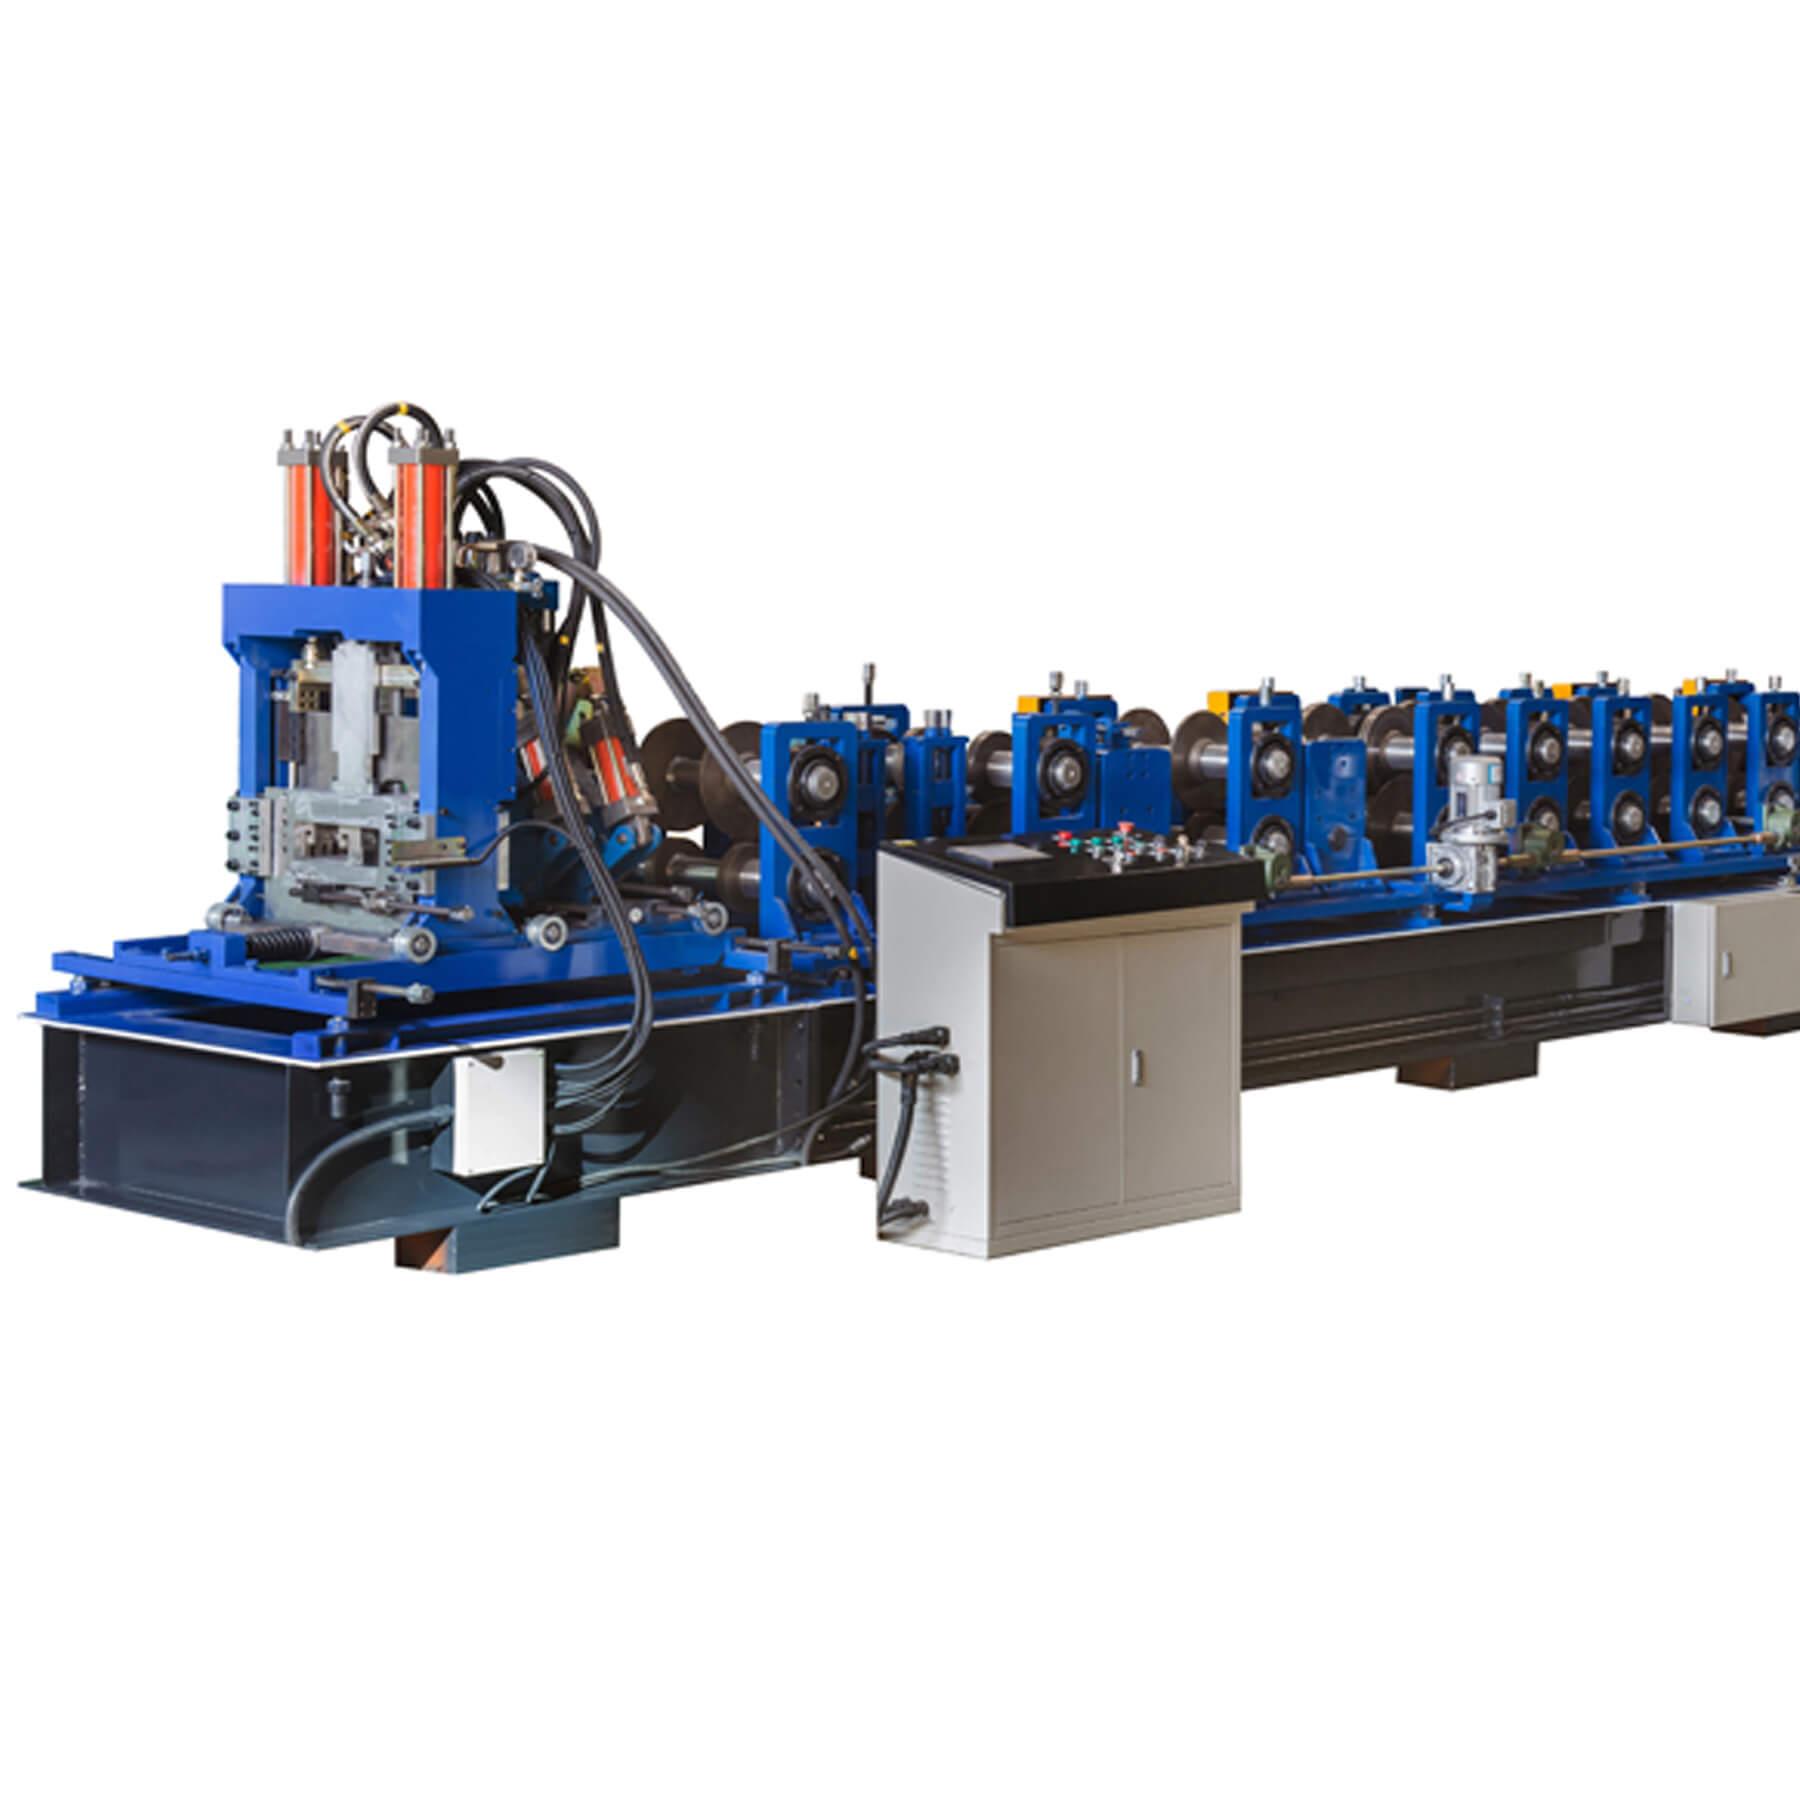 智能的CZ型鋼設備-廈門哪里有供應大禾眾邦快速變換無極剪切cz型鋼機F系列